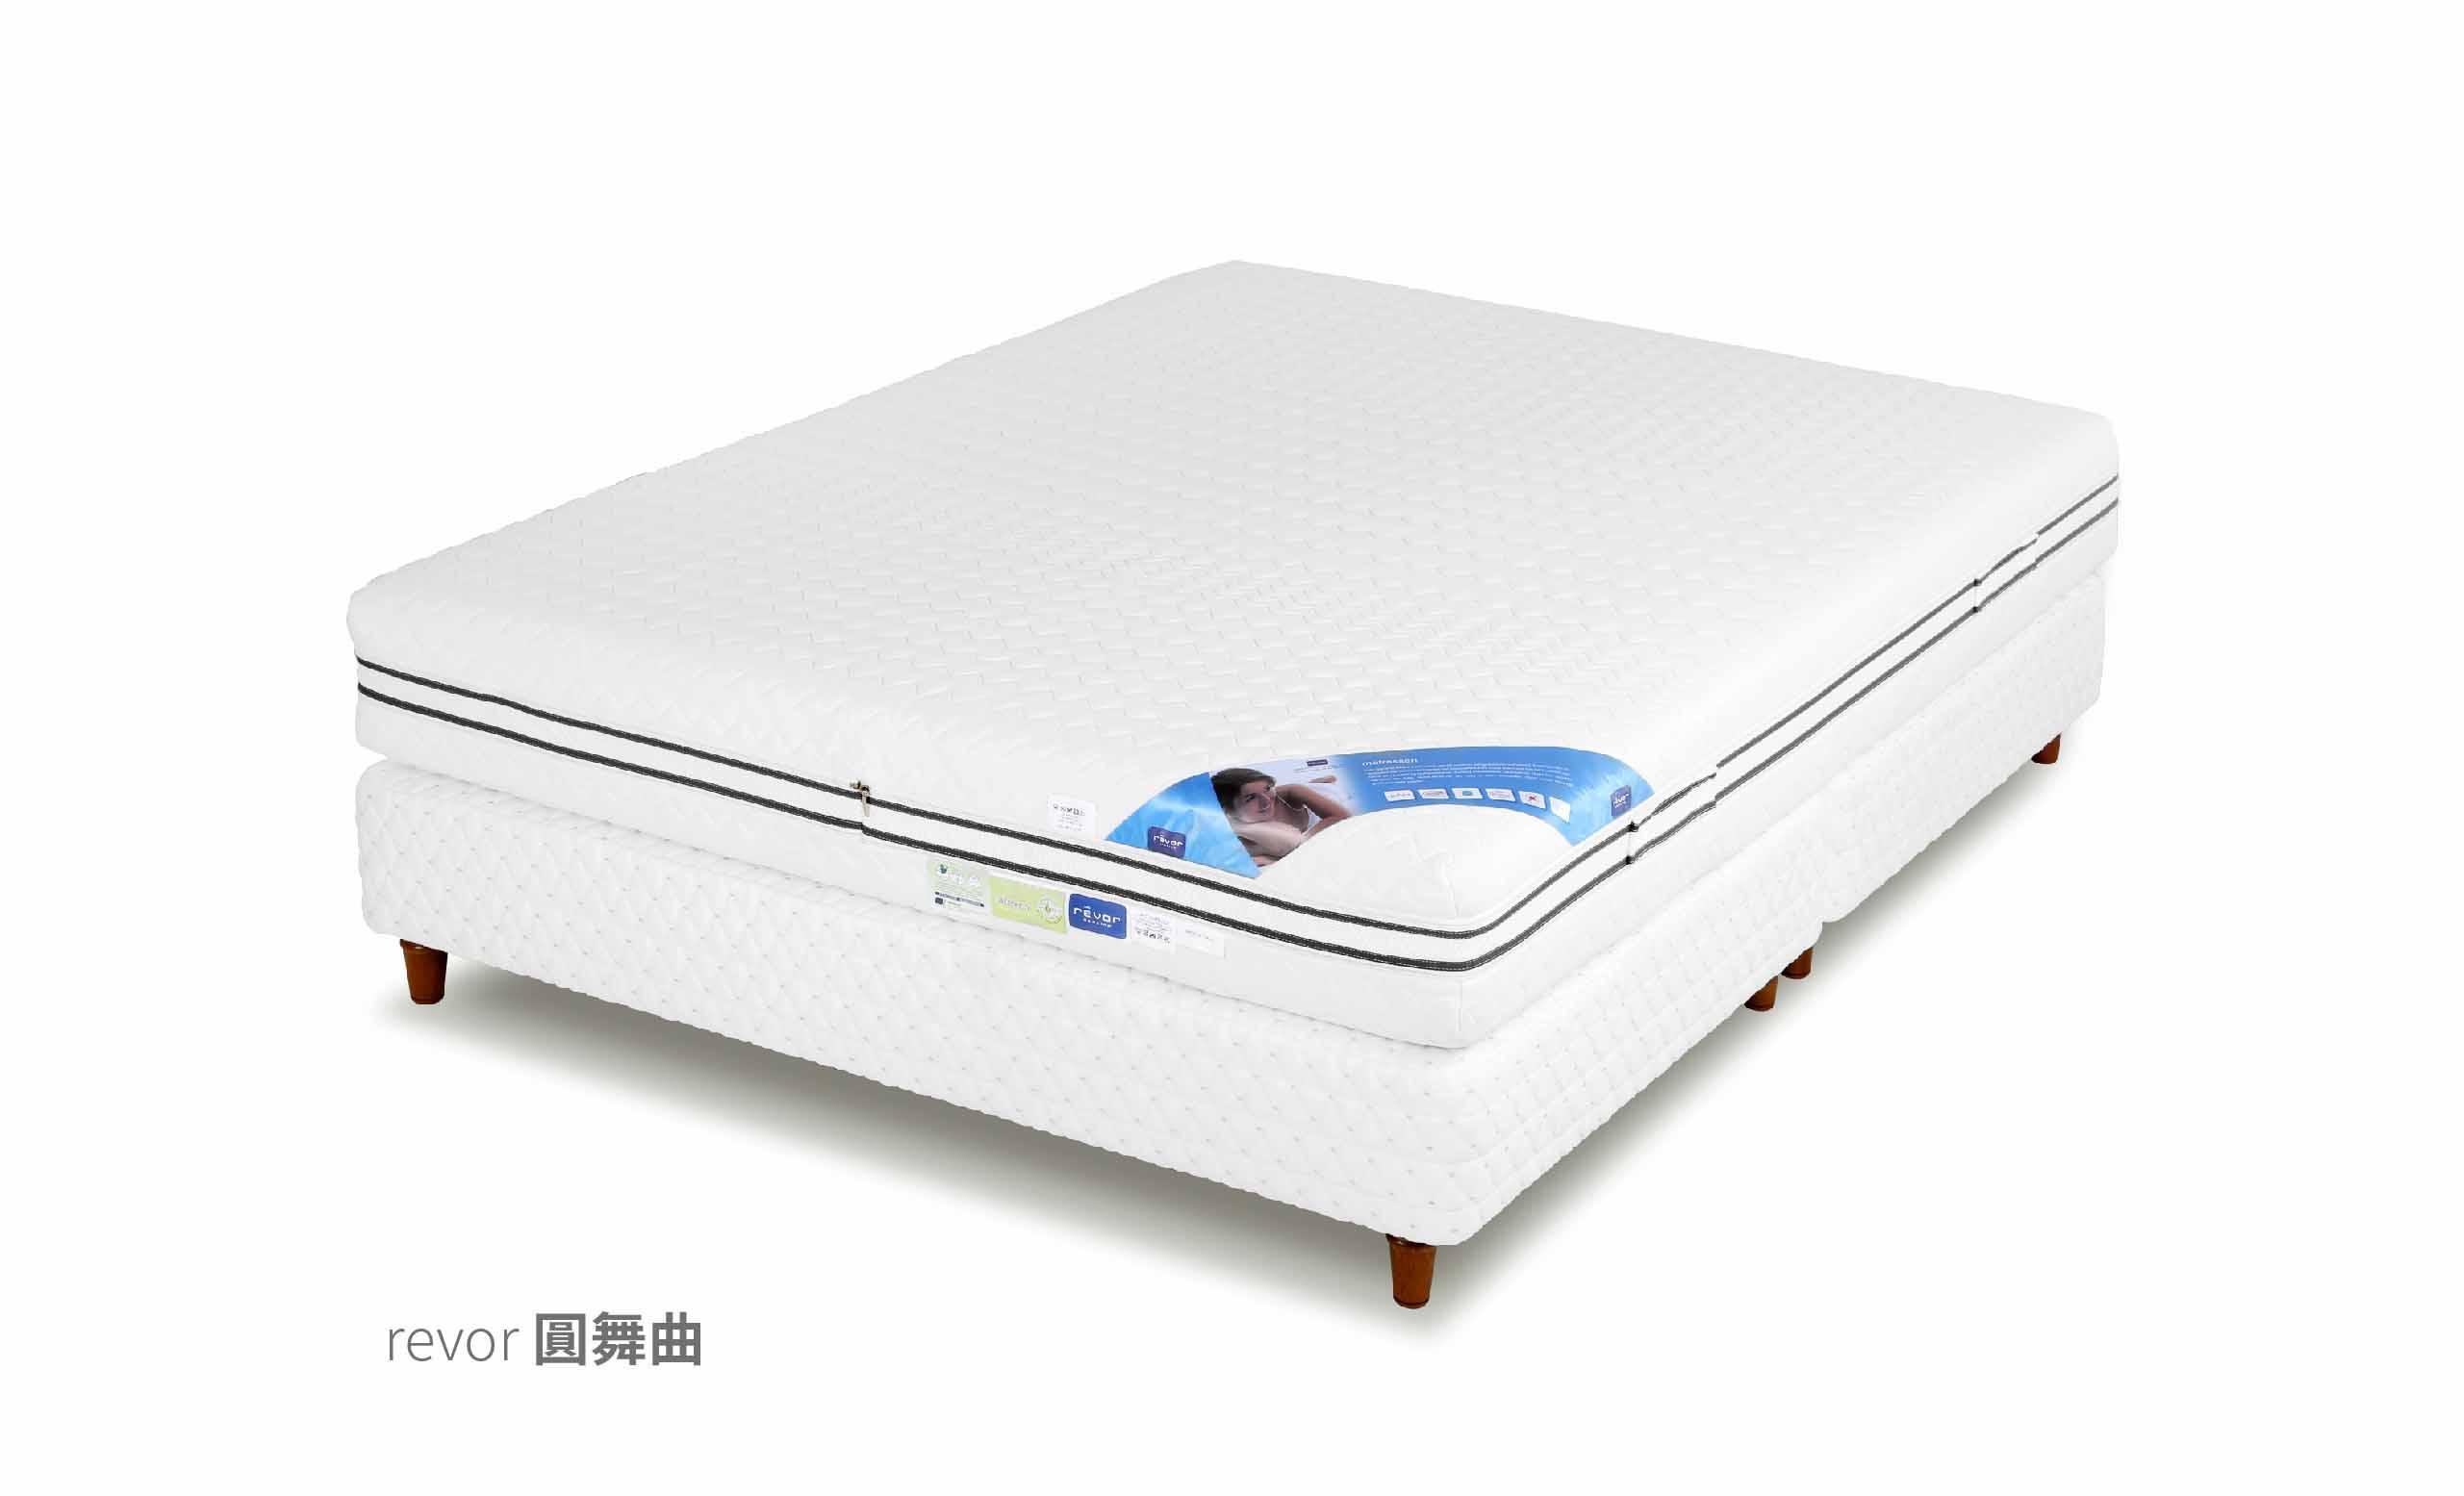 健康床墊mattress|瑞格名床 圓舞曲|睡眠王國集團